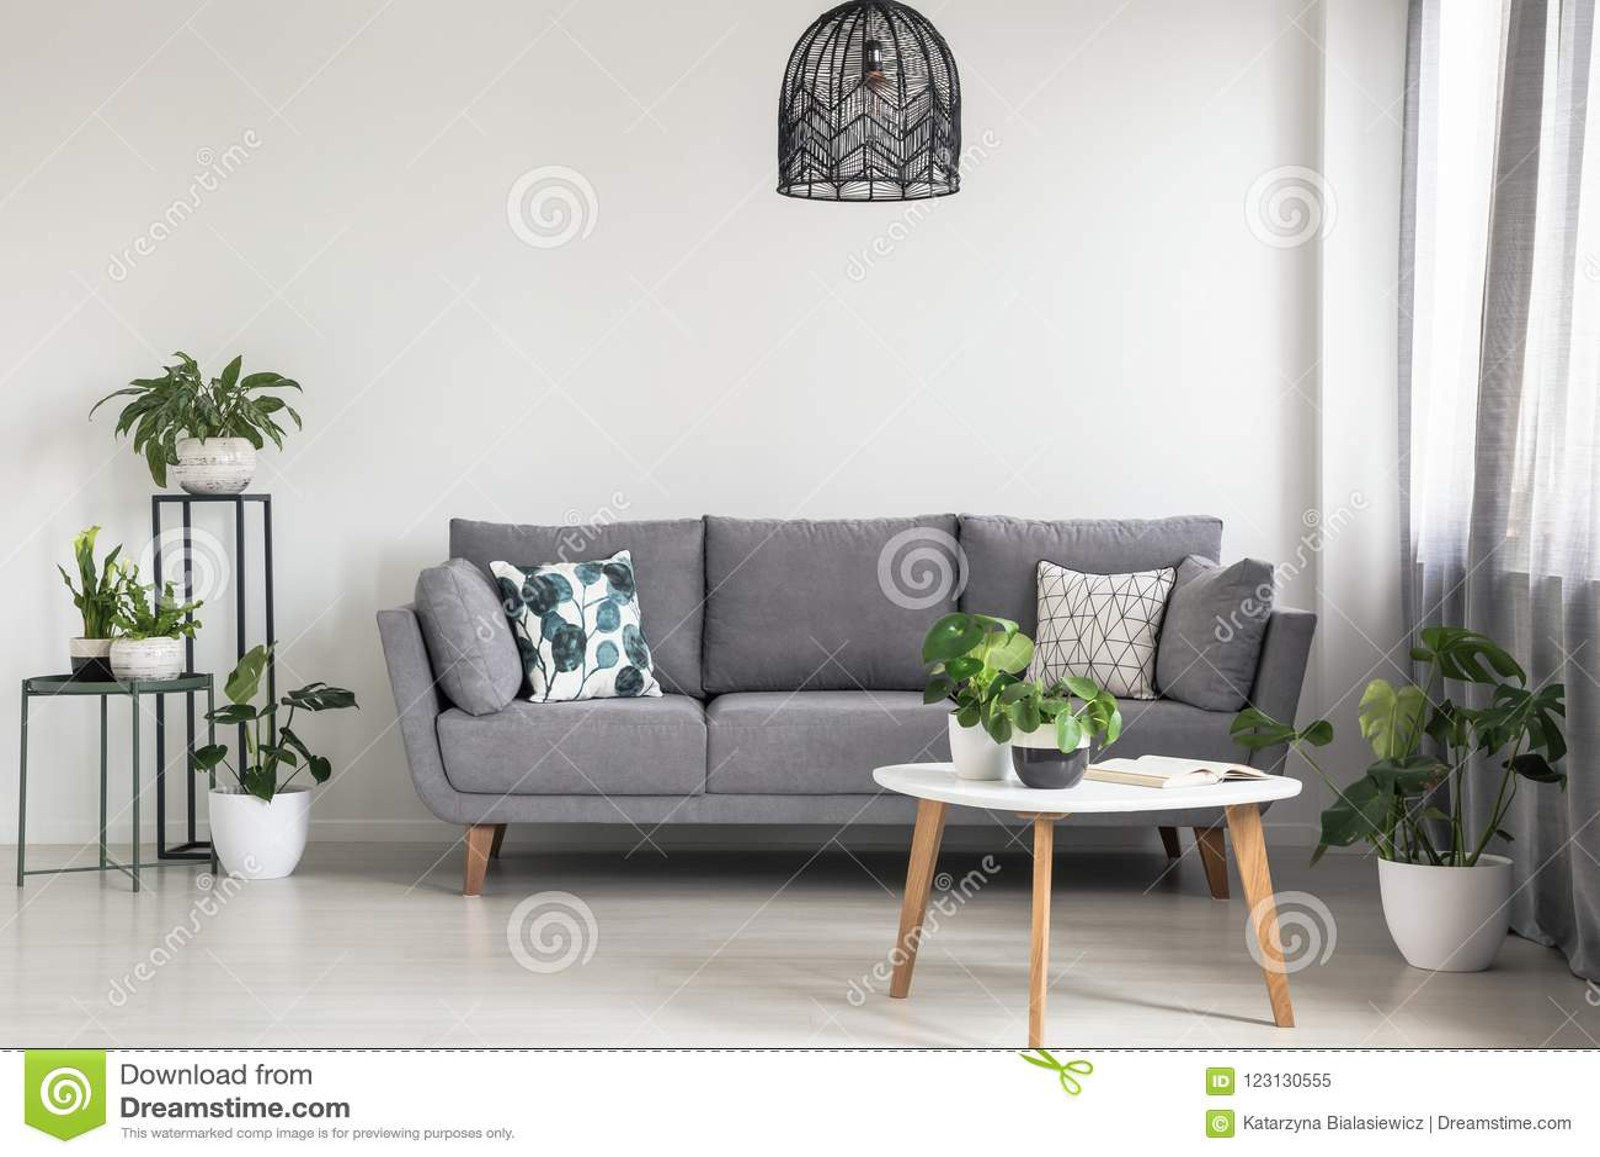 Foto reale di un interno semplice del salone con un sofà grigio, le piante ed il tavolino da salotto